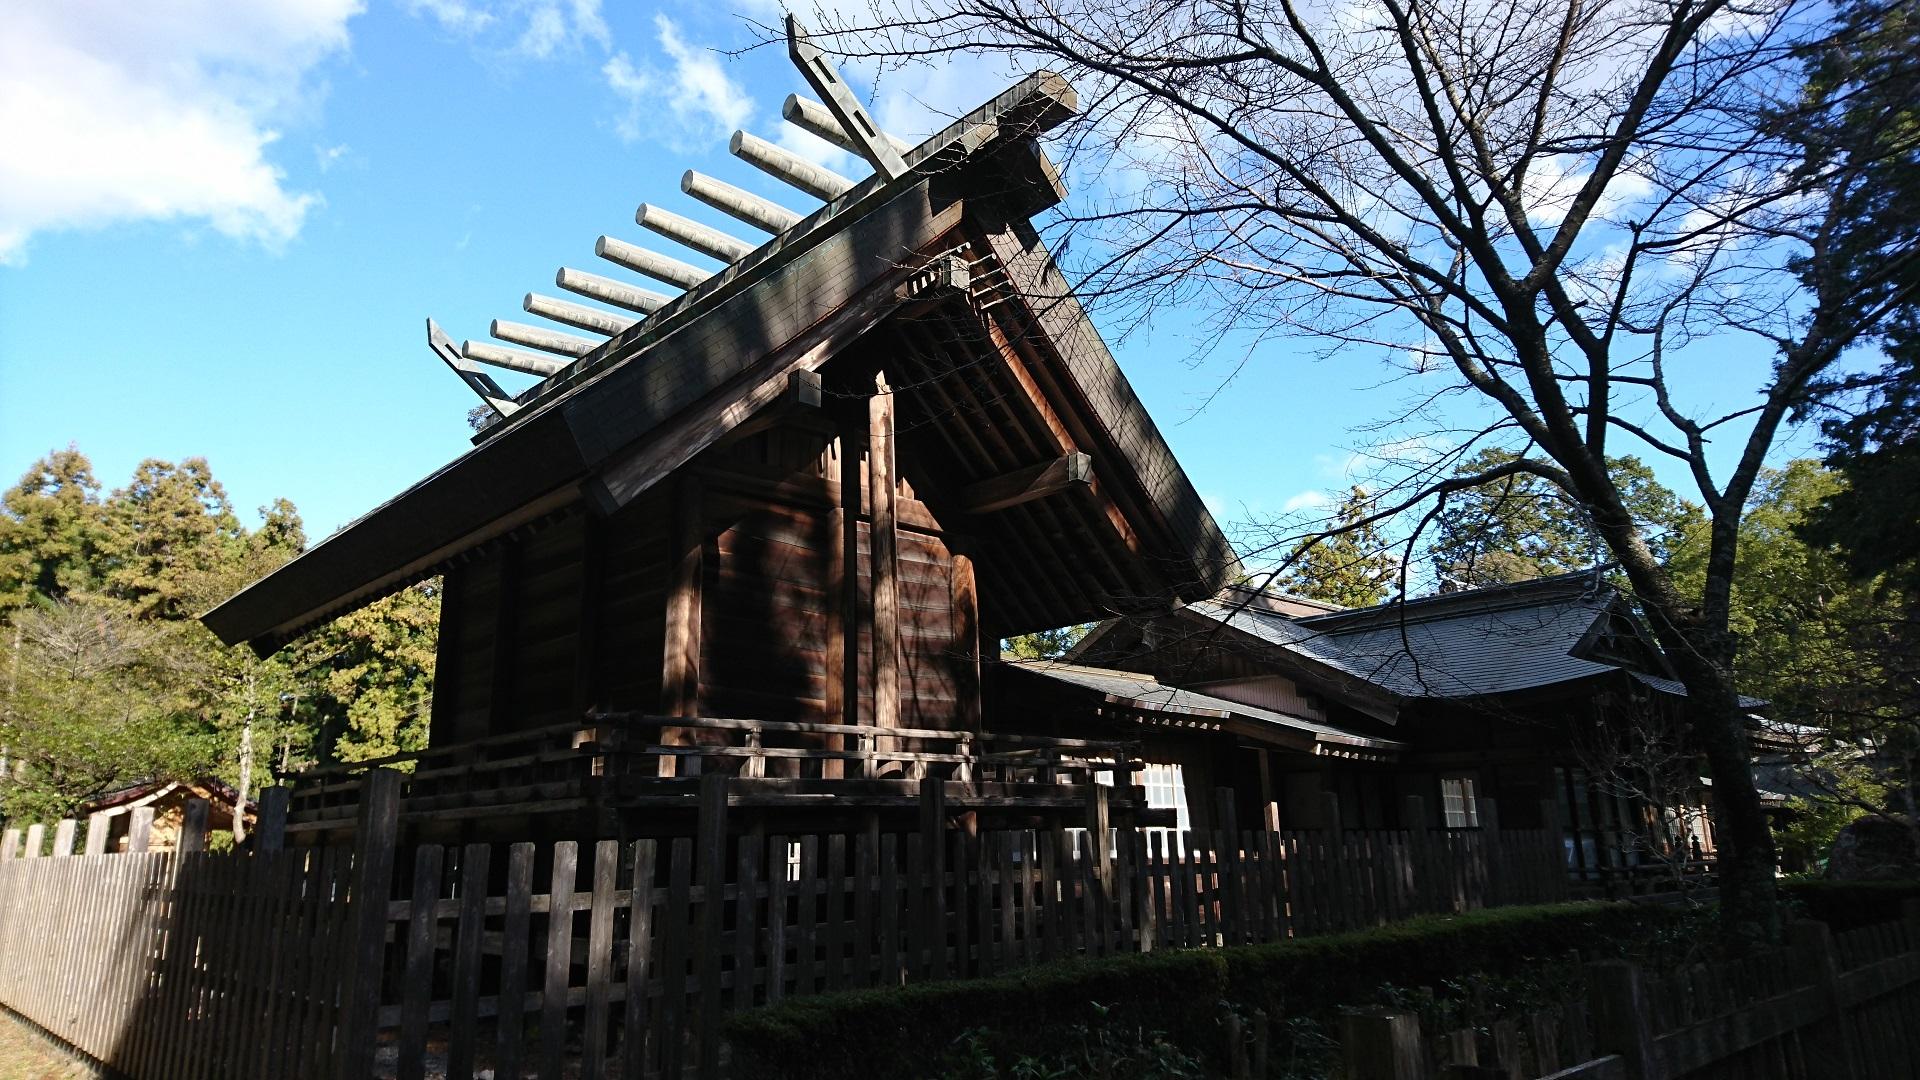 2016.12.23 井伊谷宮 (19) 本殿 1920-1080